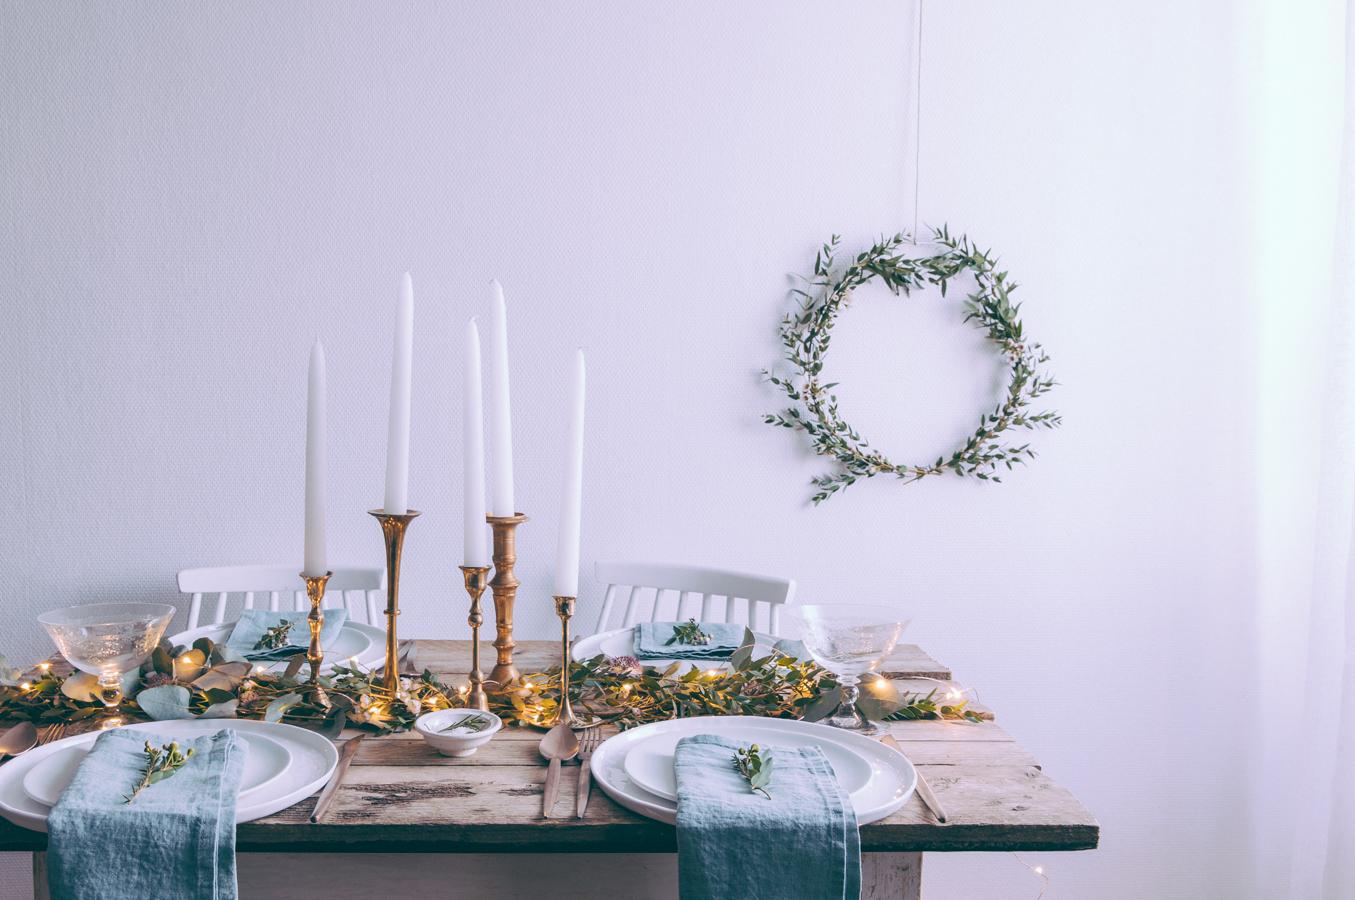 Idées décoration table de Noël 2016 2017 - style rustique scandinave - assiettes Merci - Shooting Inspiration dressage table de fêtes ou mariage scandinave - blog lifestyle dollyjessy